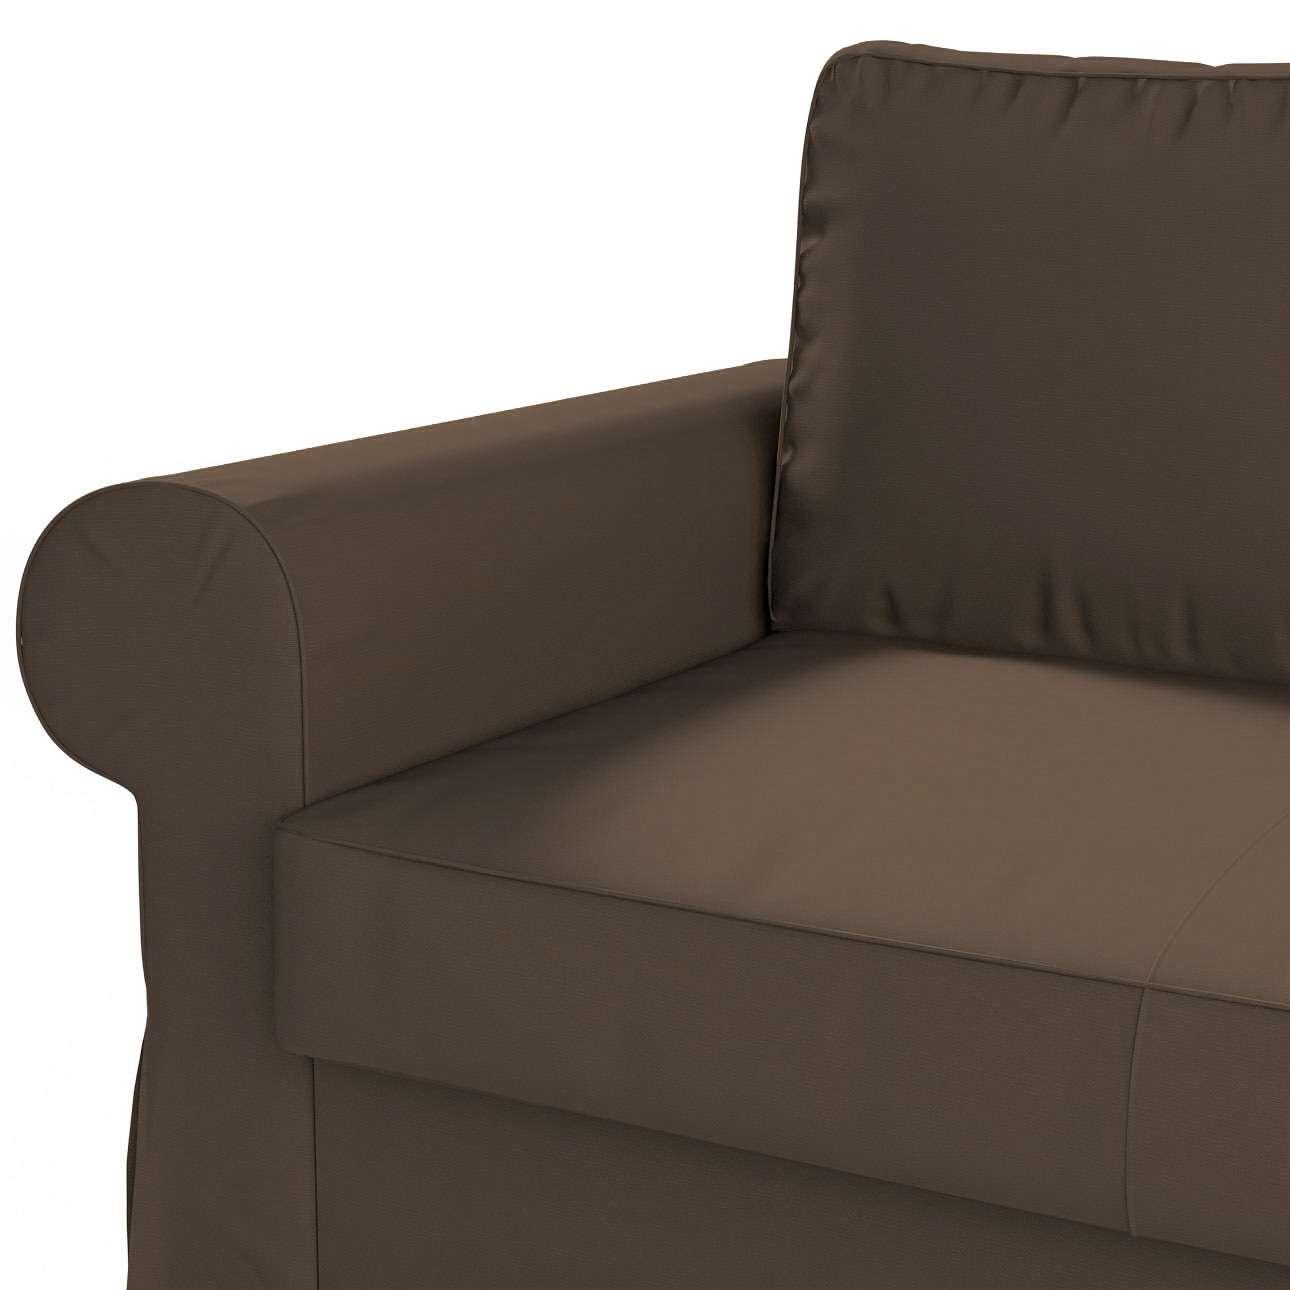 Bezug für Backabro 2-Sitzer Sofa ausklappbar von der Kollektion Cotton Panama, Stoff: 702-02